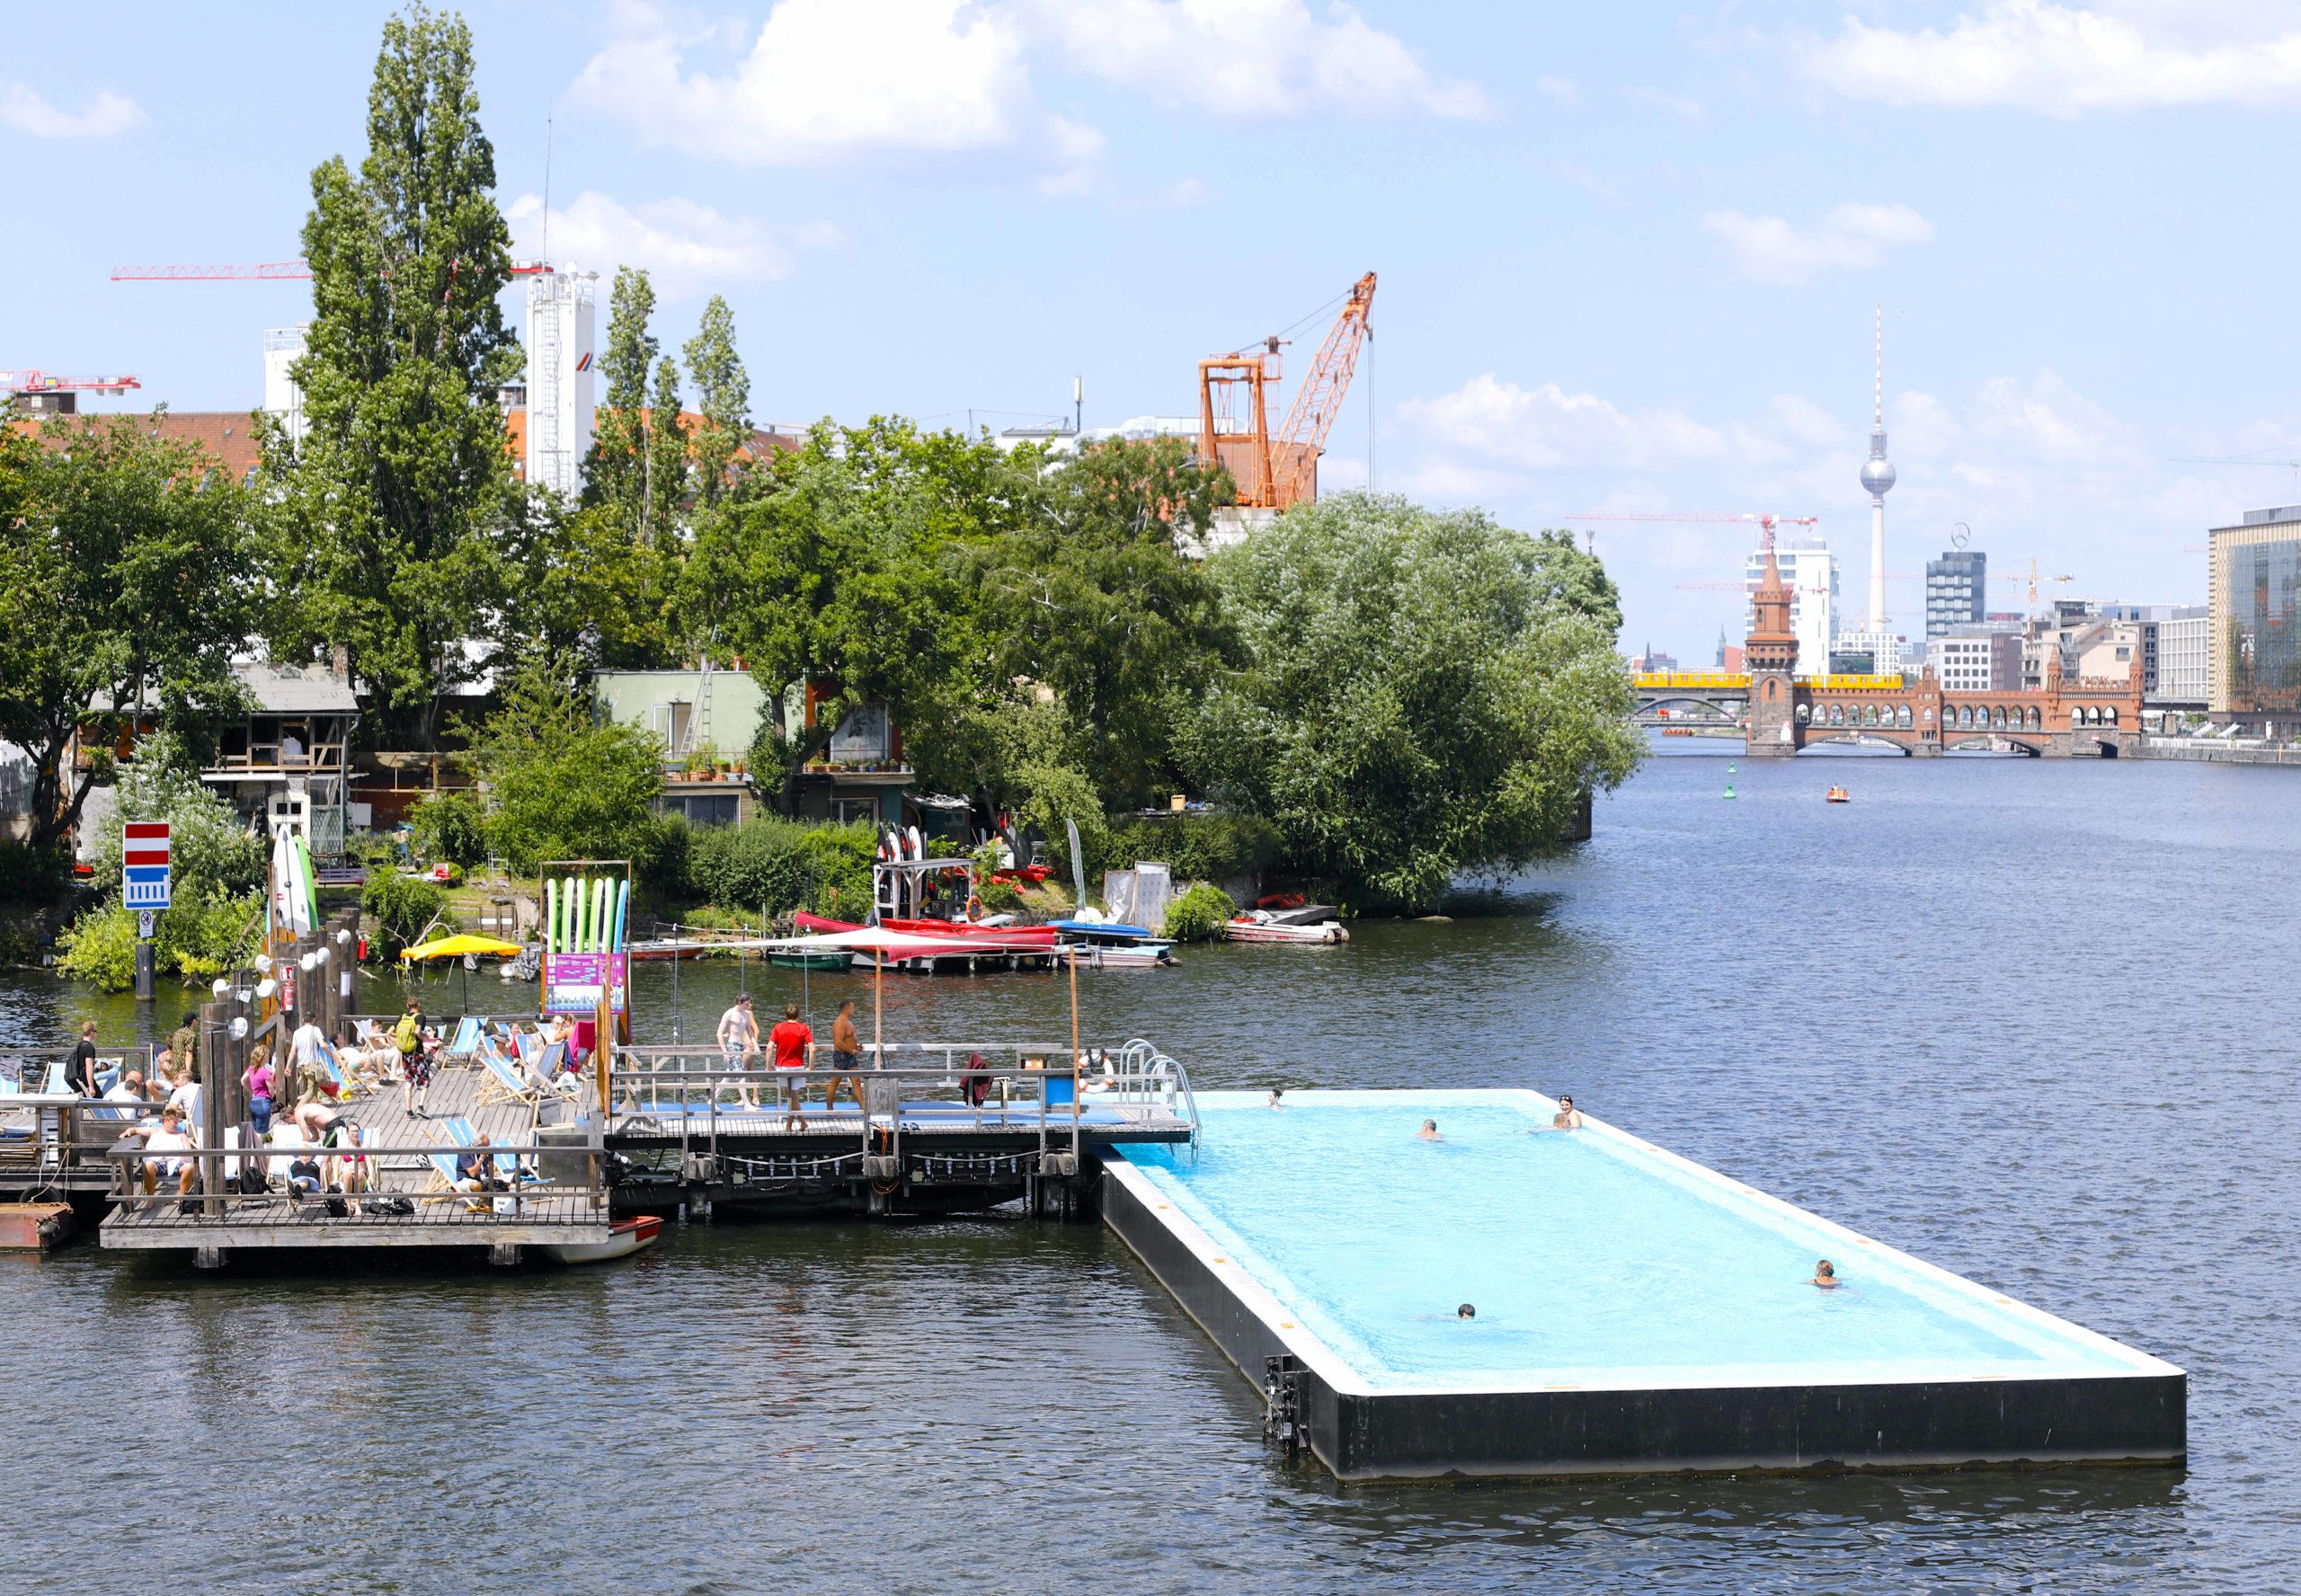 Das Badeschiff: eine schwimmende Badeanstalt inmitten der Spree Foto: Imago/Jochen Eckel